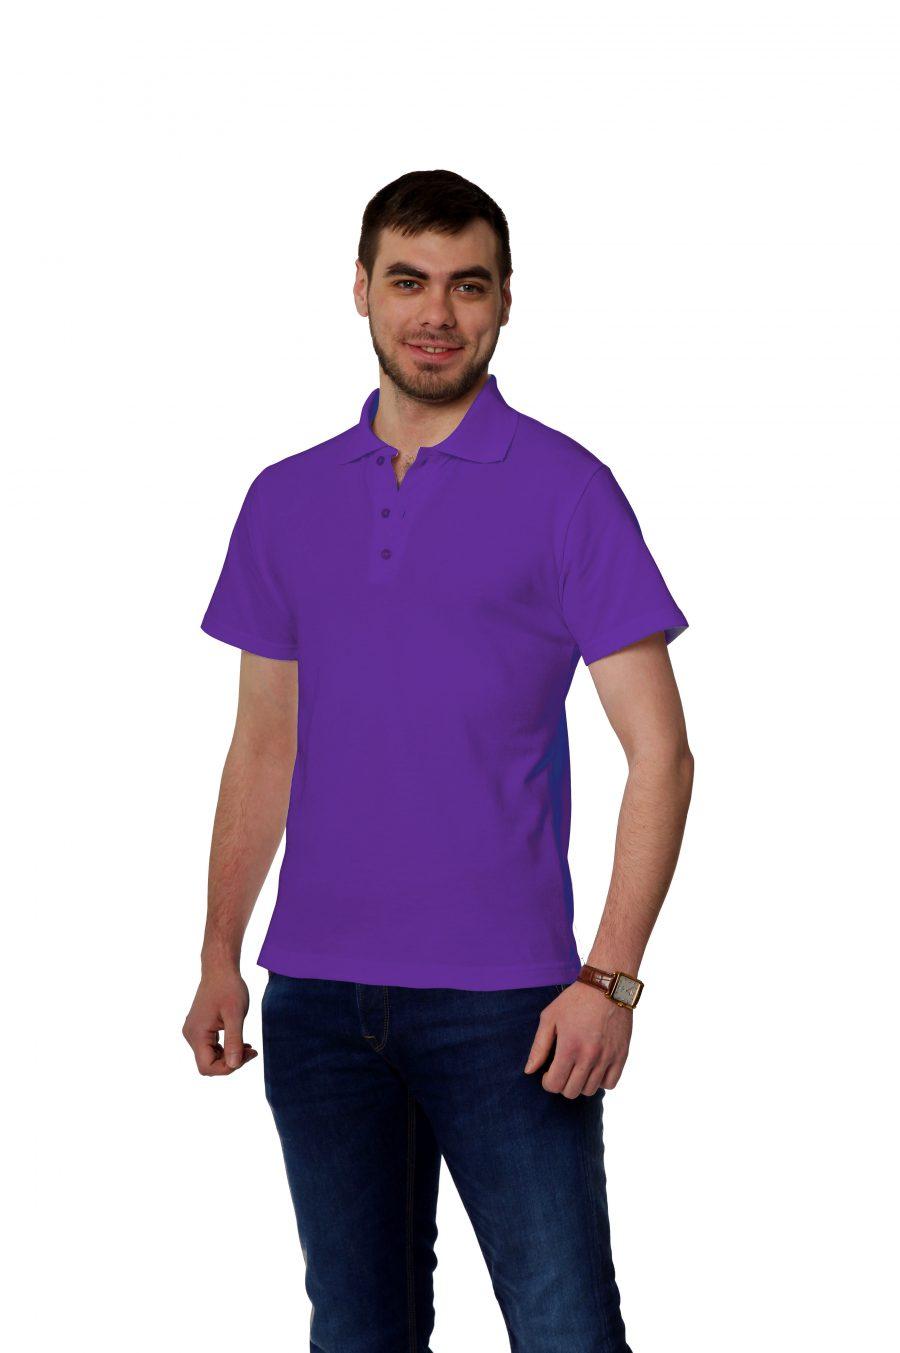 Рубашка-поло KANO MP фиолетовая купить оптом,